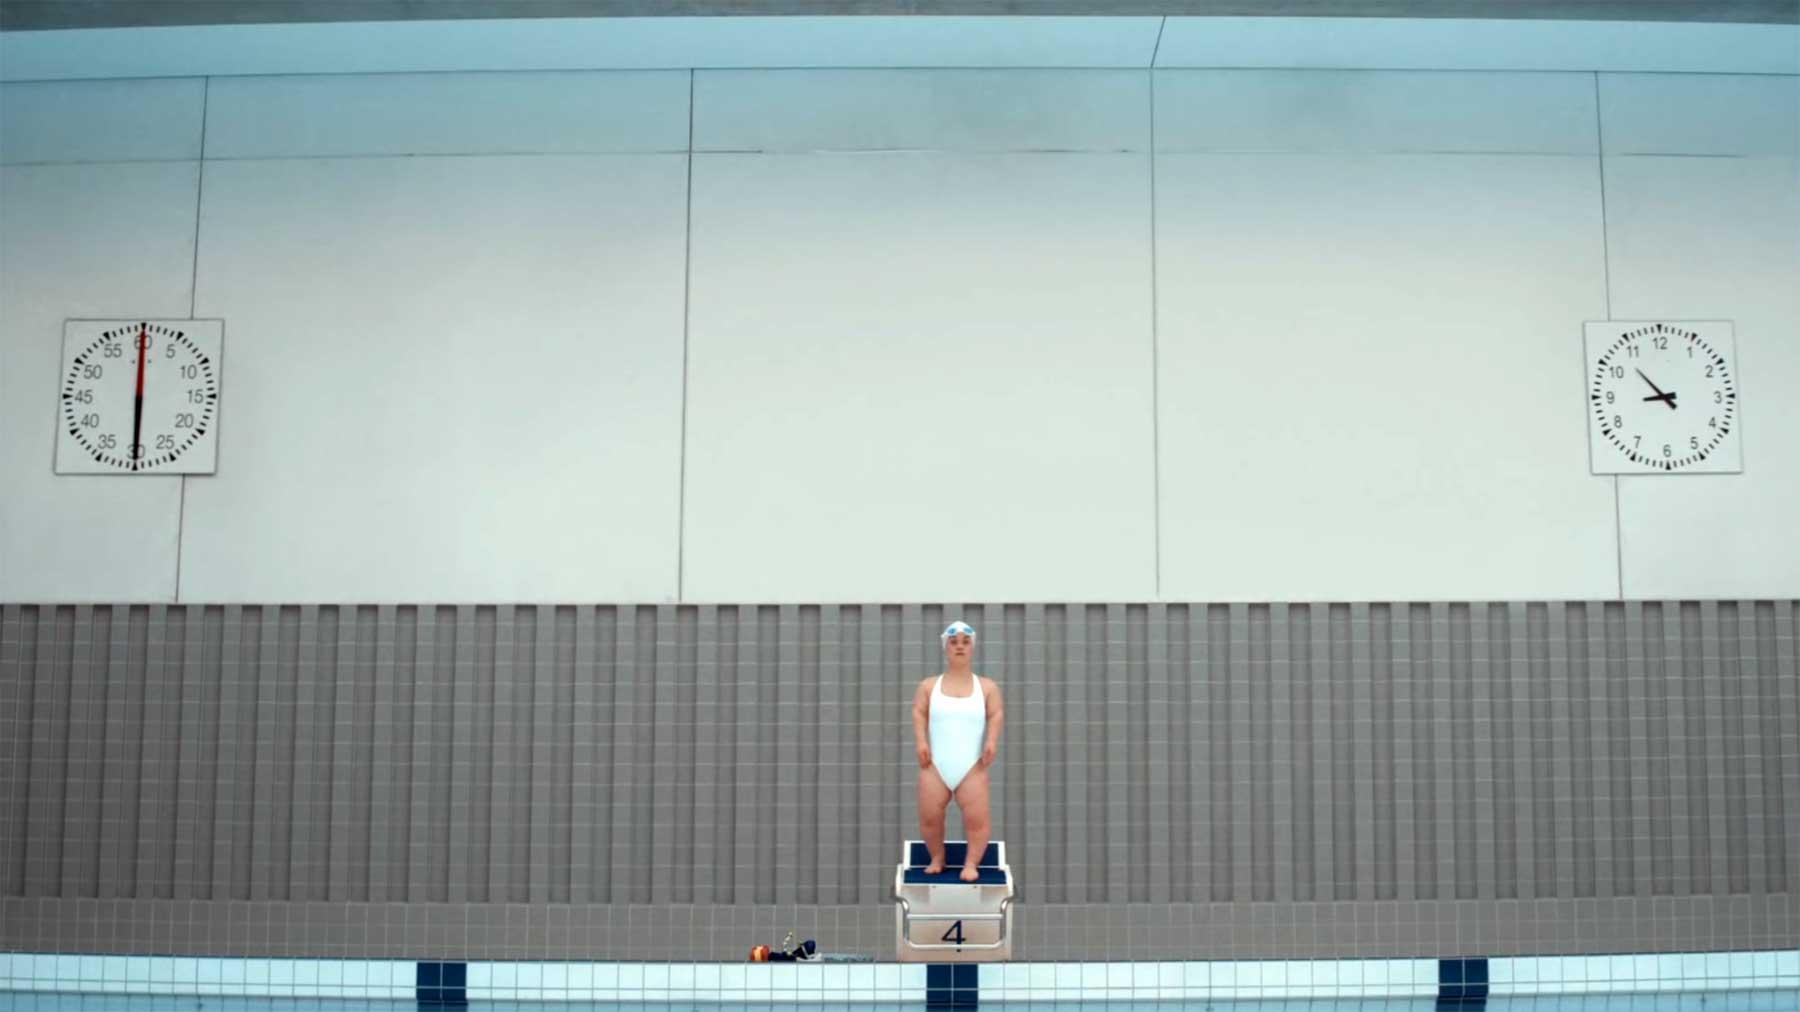 Großartig gemachter Trailer zu den Paralympischen Spielen 2020